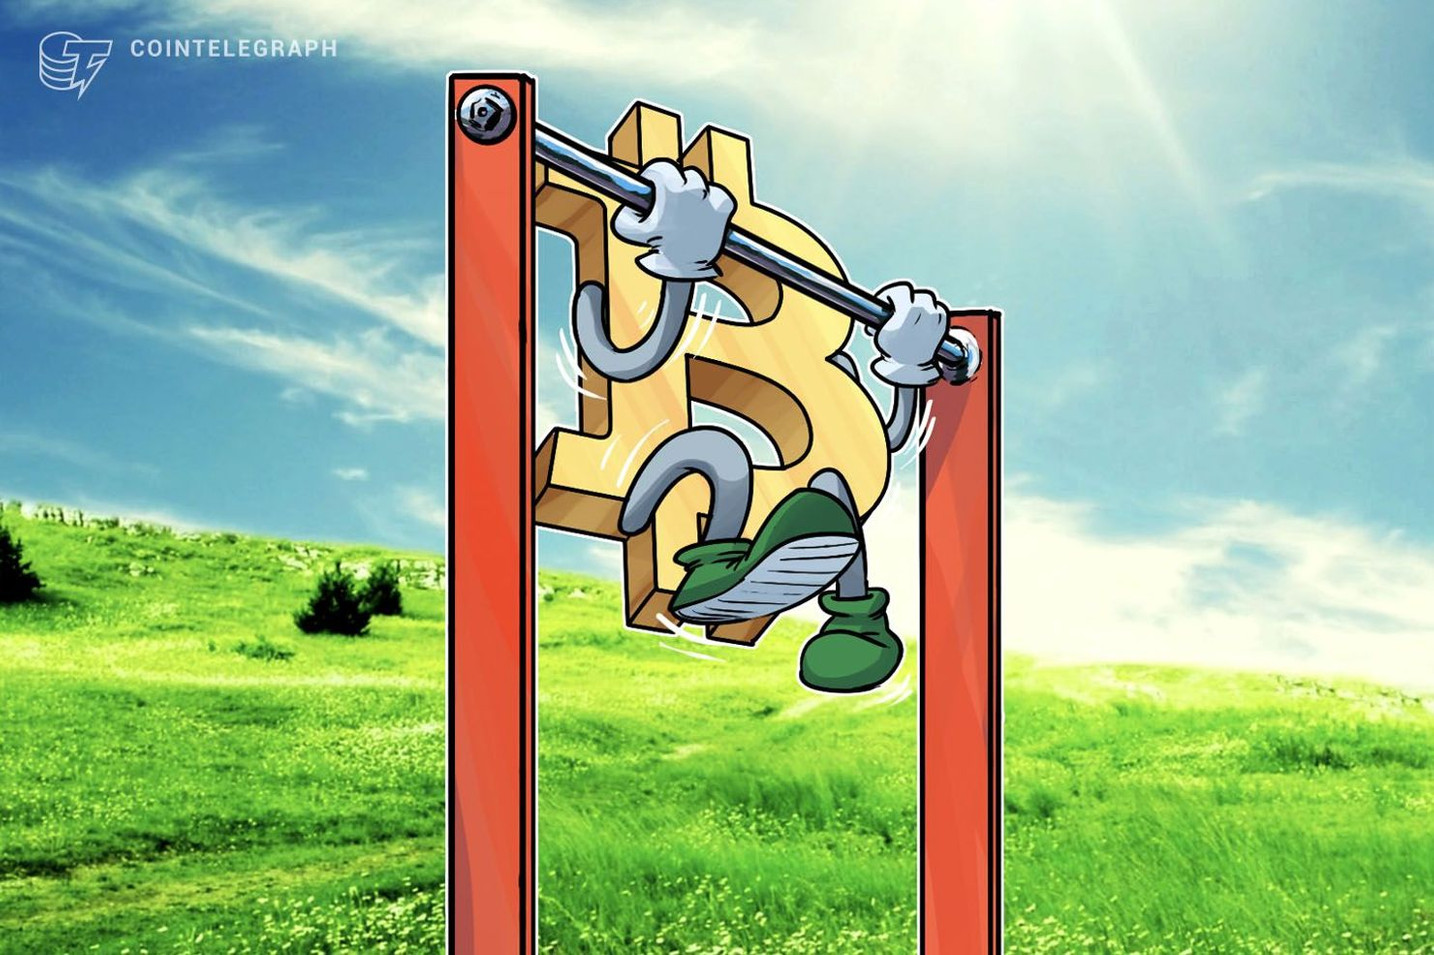 ビットコインは依然として強気相場か、アナリスト「一時的な調整局面」【仮想通貨相場】